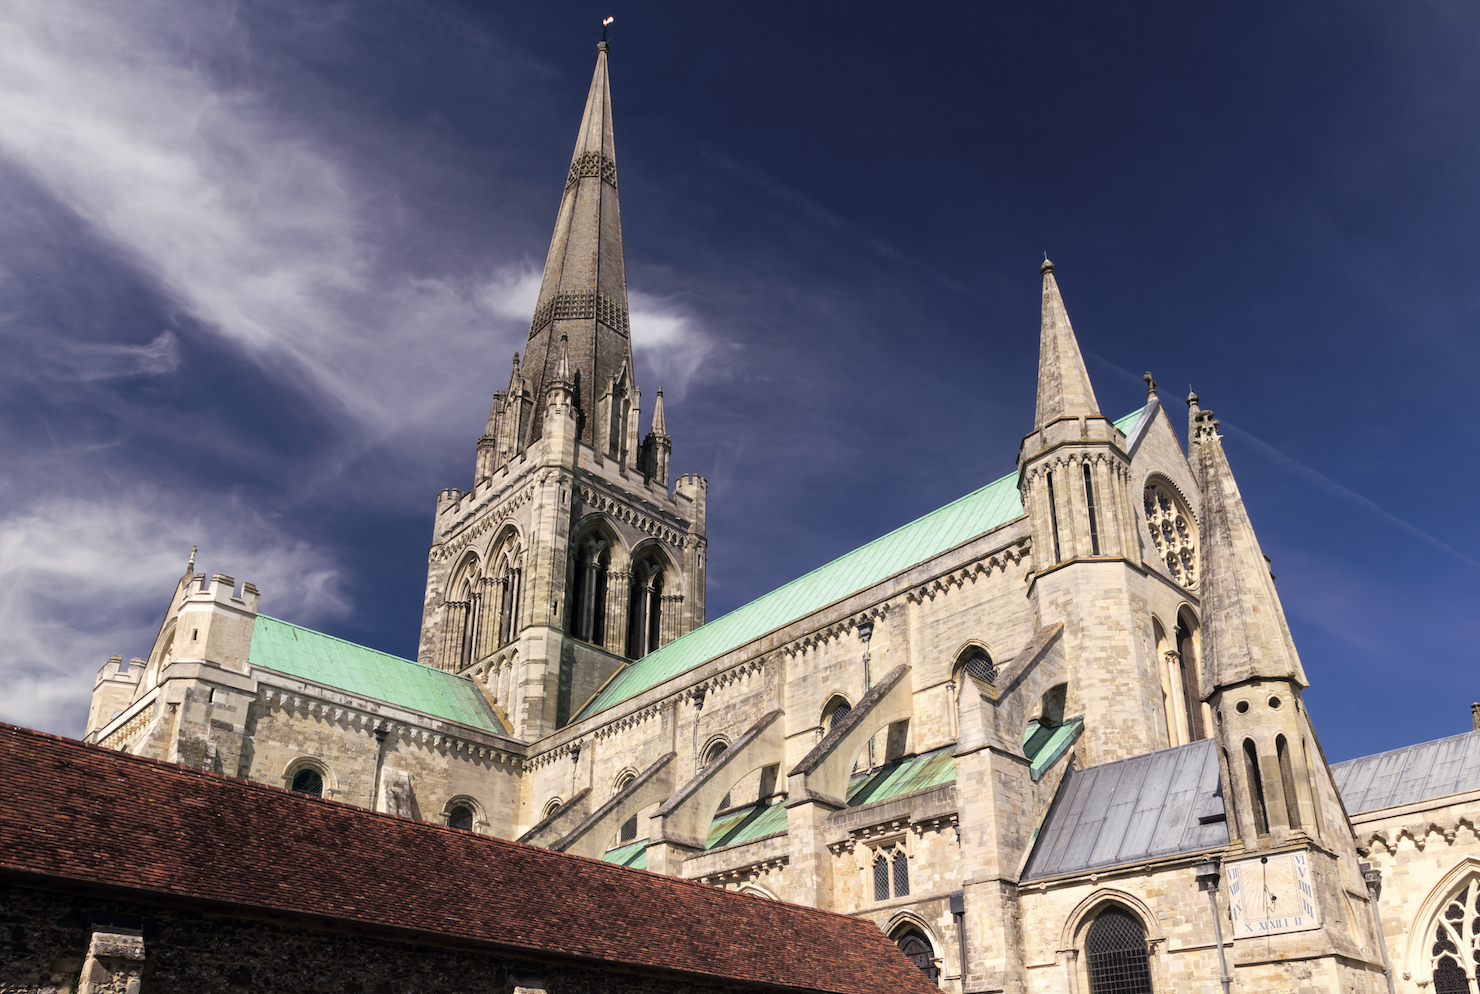 Chichester Cathedral #Chichester #Cathedral #Architecture #Sussex